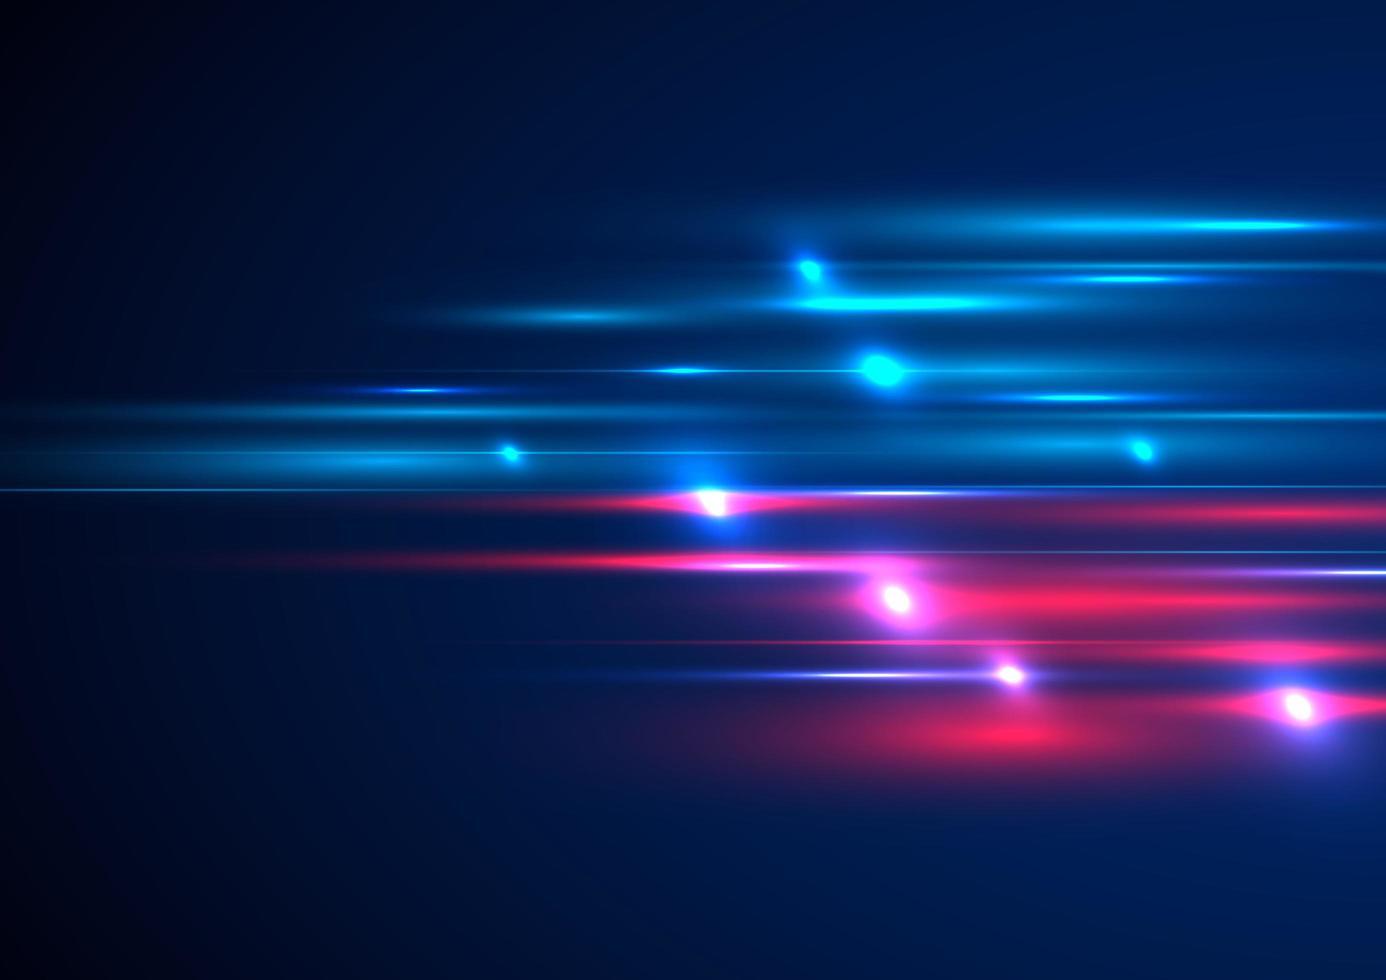 abstrakter blauer und roter Geschwindigkeitsbewegungsbeleuchtungseffekt vektor